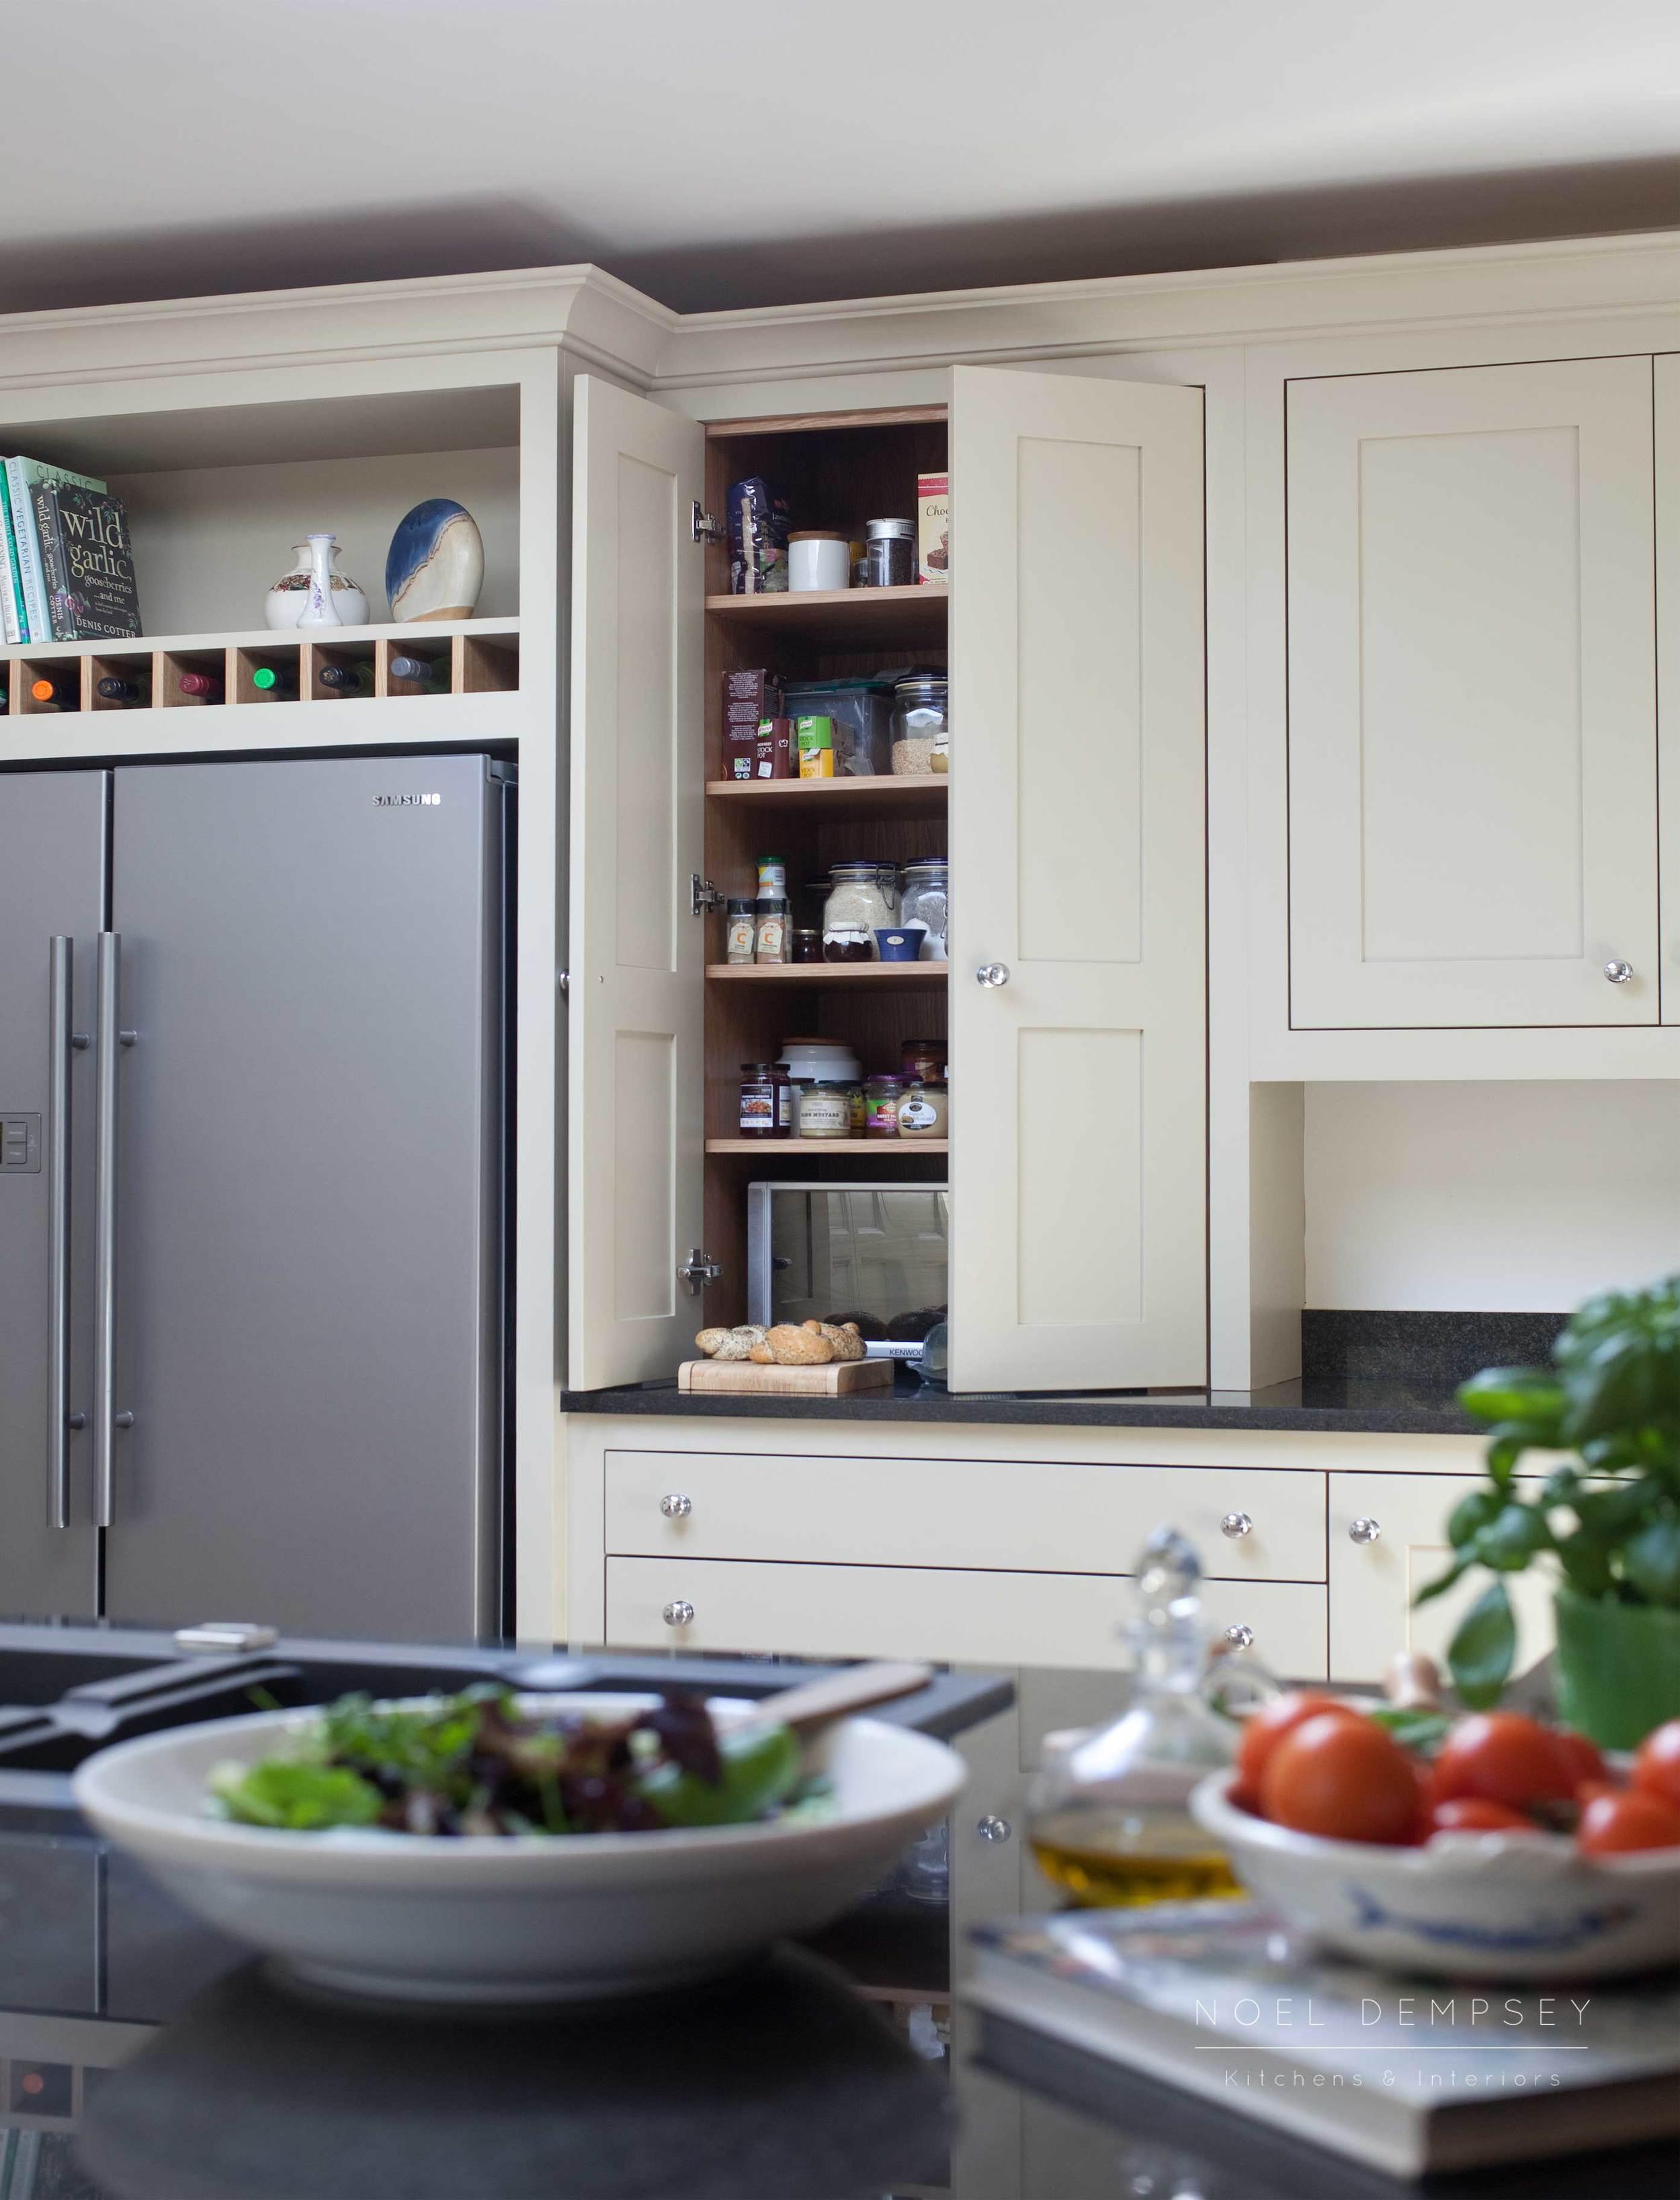 Bellvue-Hand-Painted-Kitchen-5.jpg